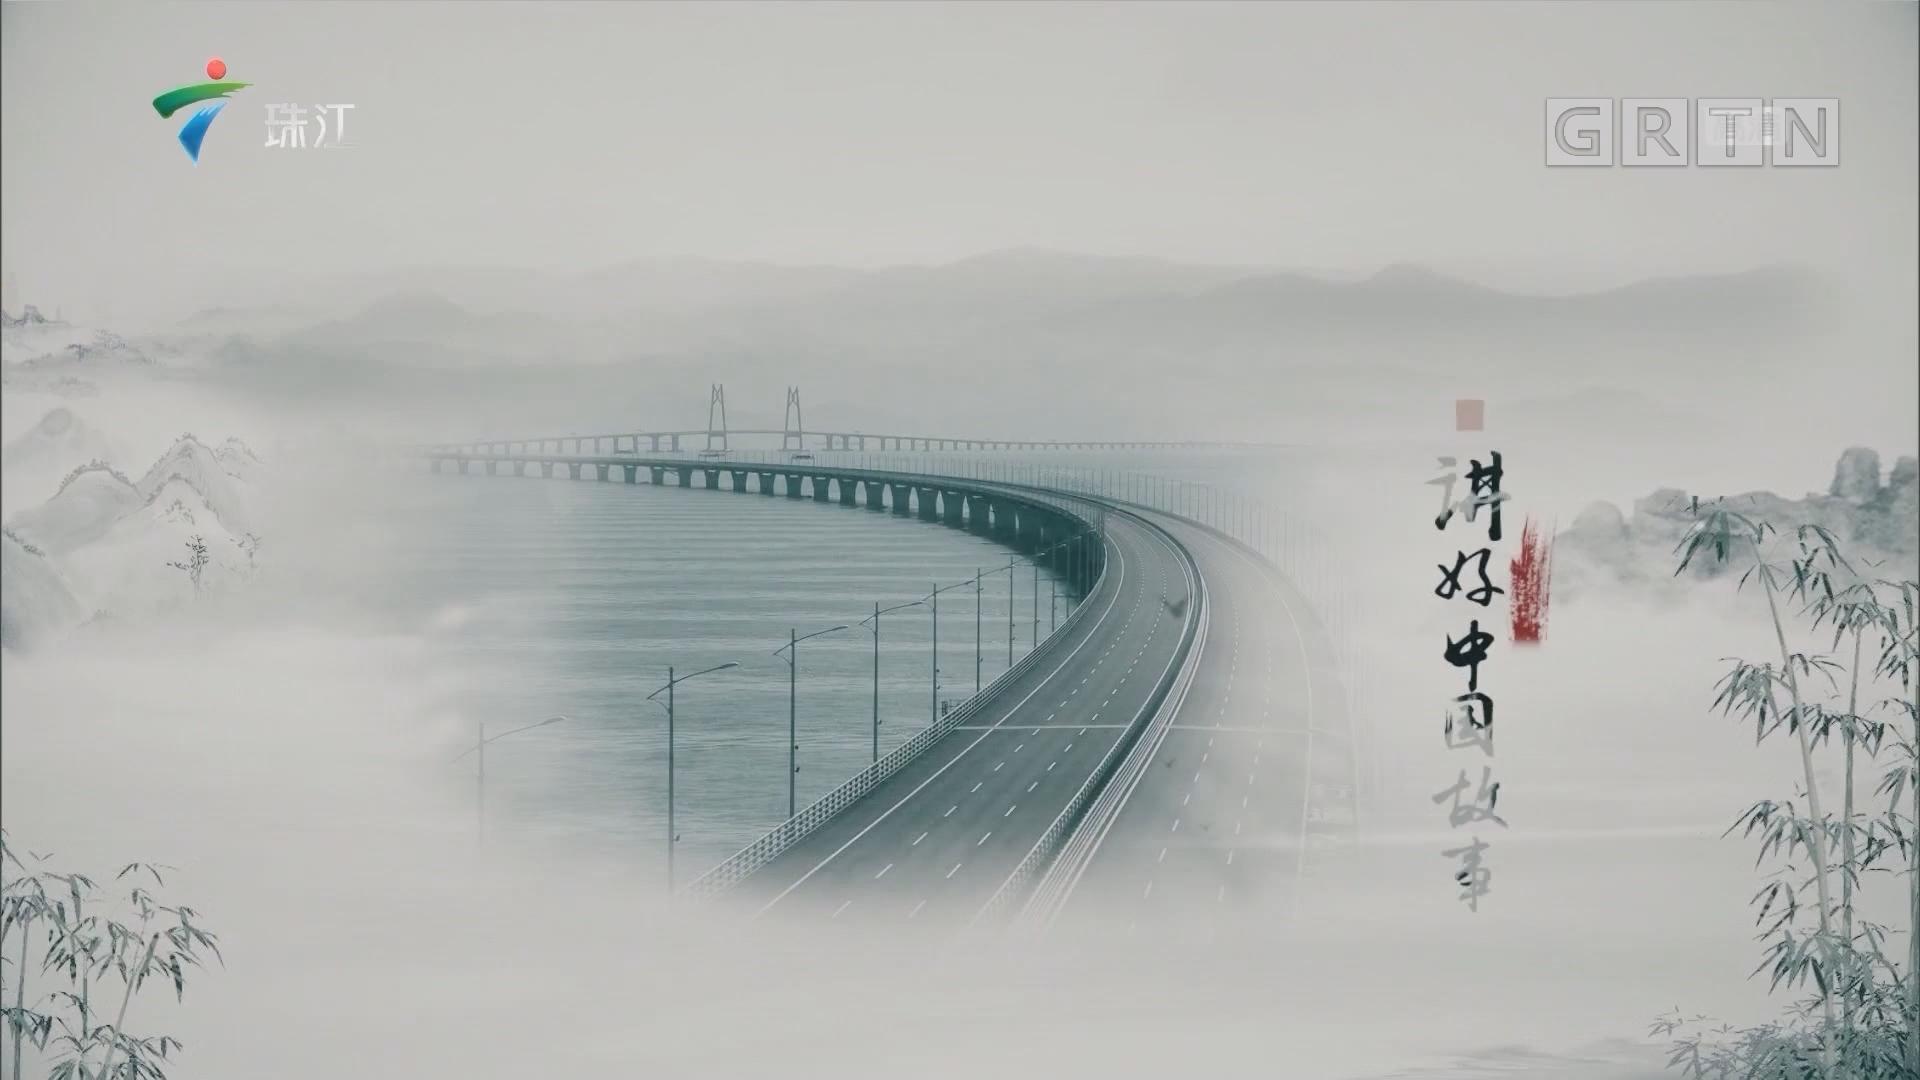 [HD][2019-07-06]广东视窗:湛江徐闻:加快推进农业现代化 助推乡村振兴发展